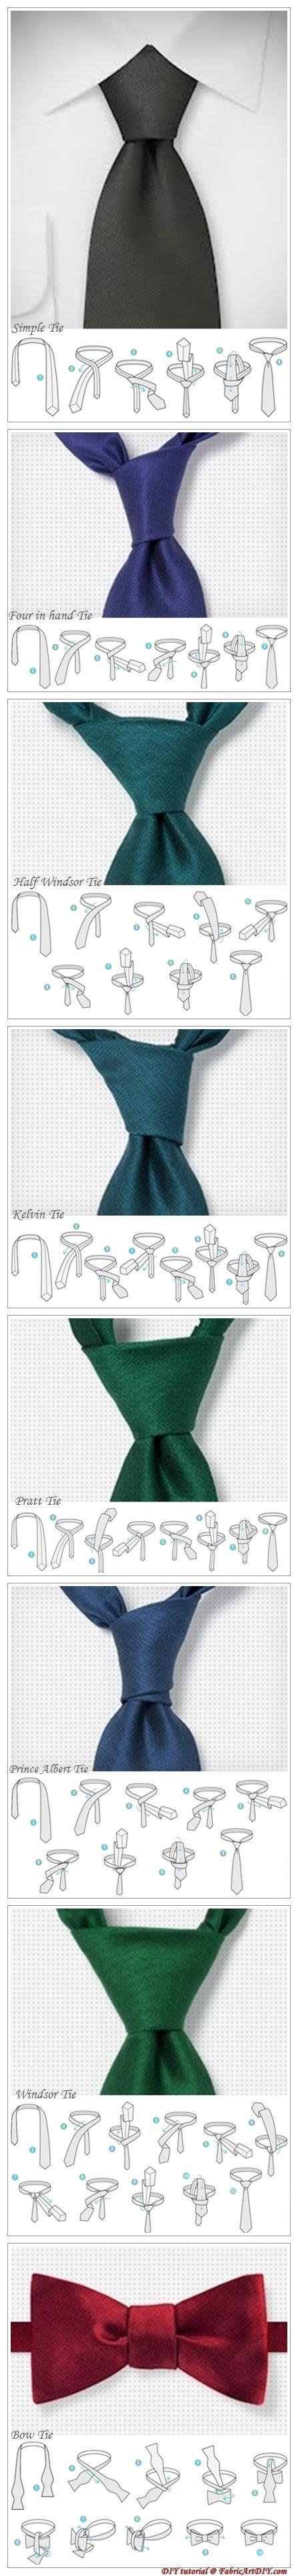 Como atar una corbata